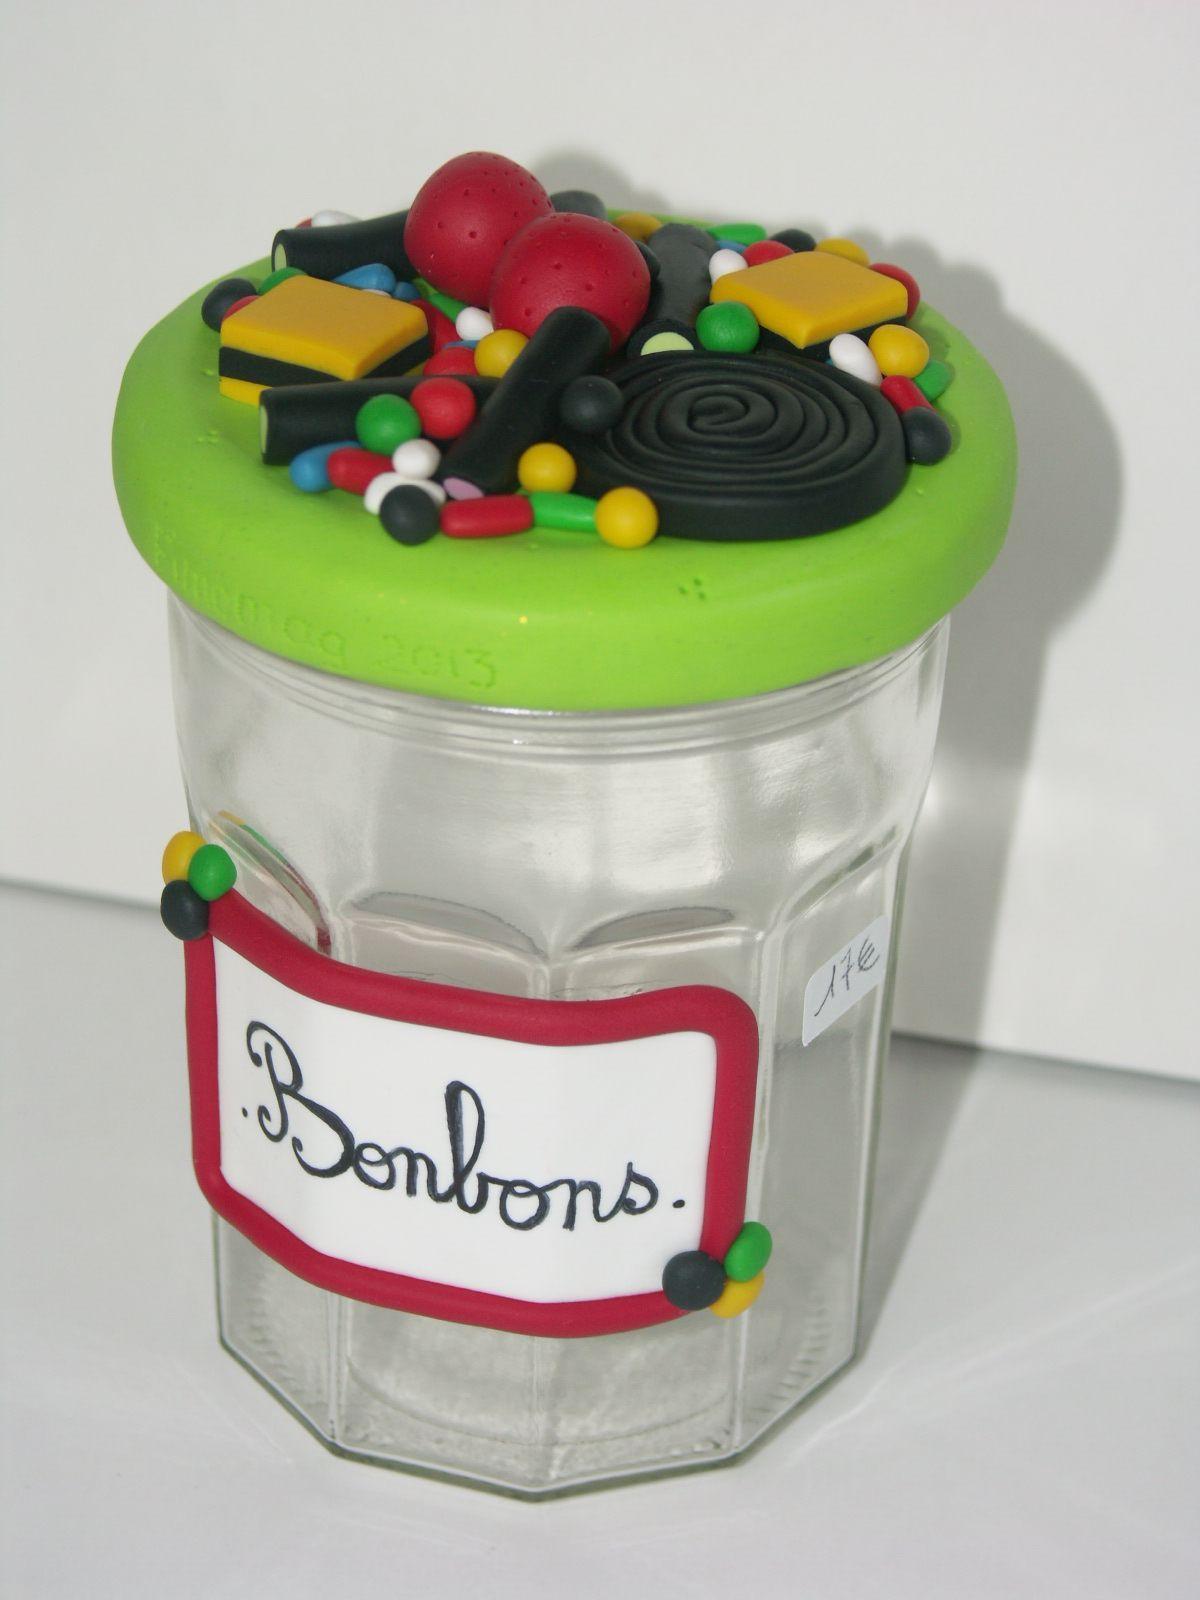 bocal bonbons fimo mes cr ations en polym re fimo pinterest bocal bonbon et fimo. Black Bedroom Furniture Sets. Home Design Ideas